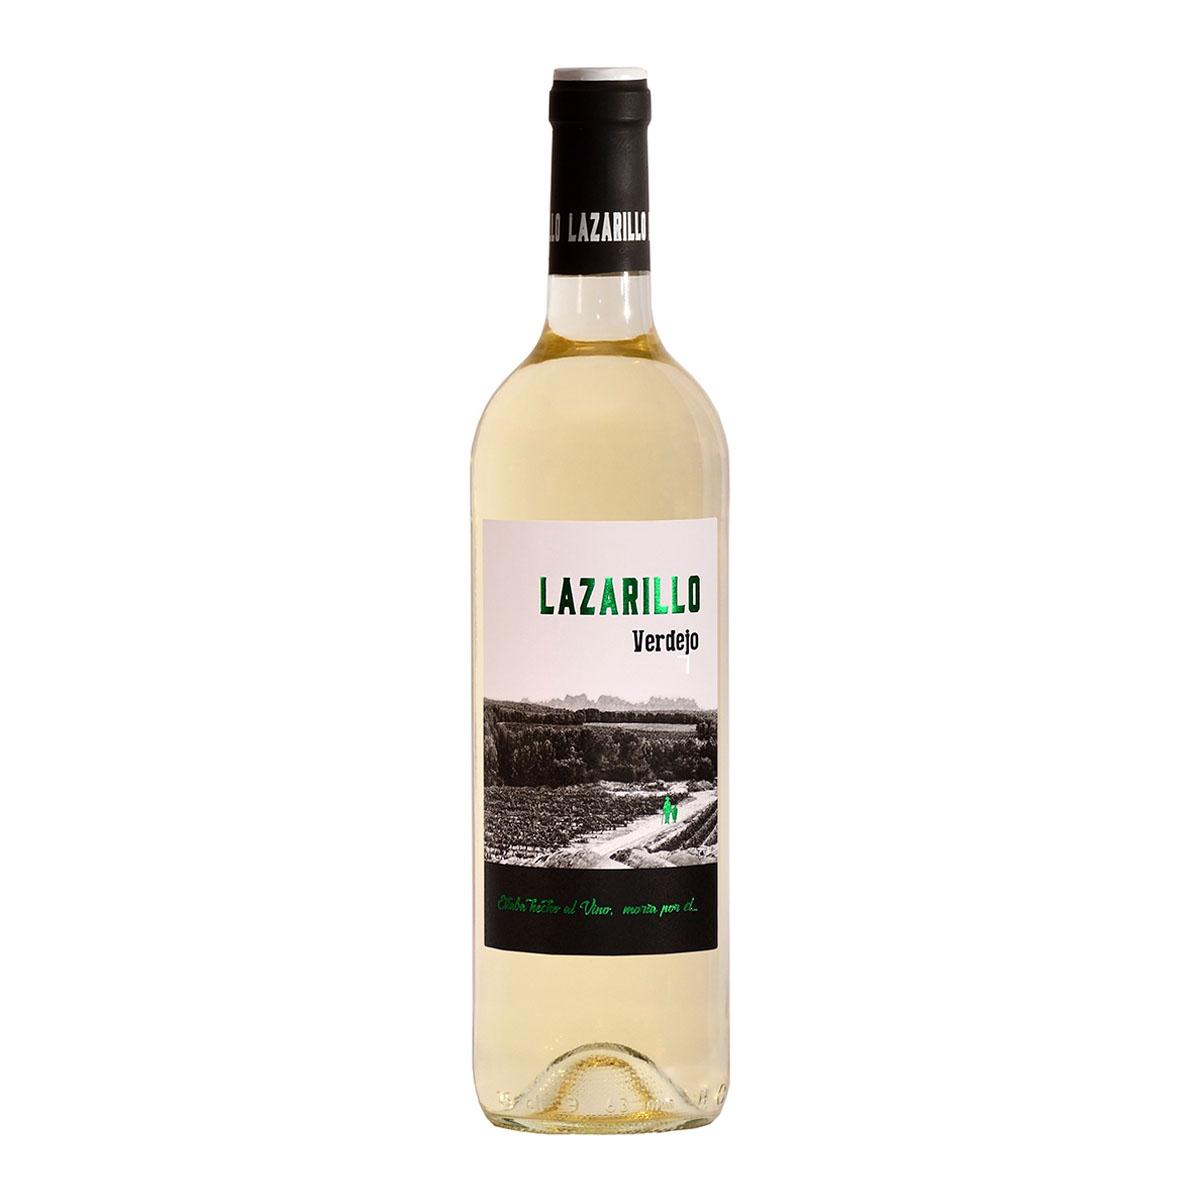 西班牙LAZARILLO新鮮弗德喬干白葡萄酒